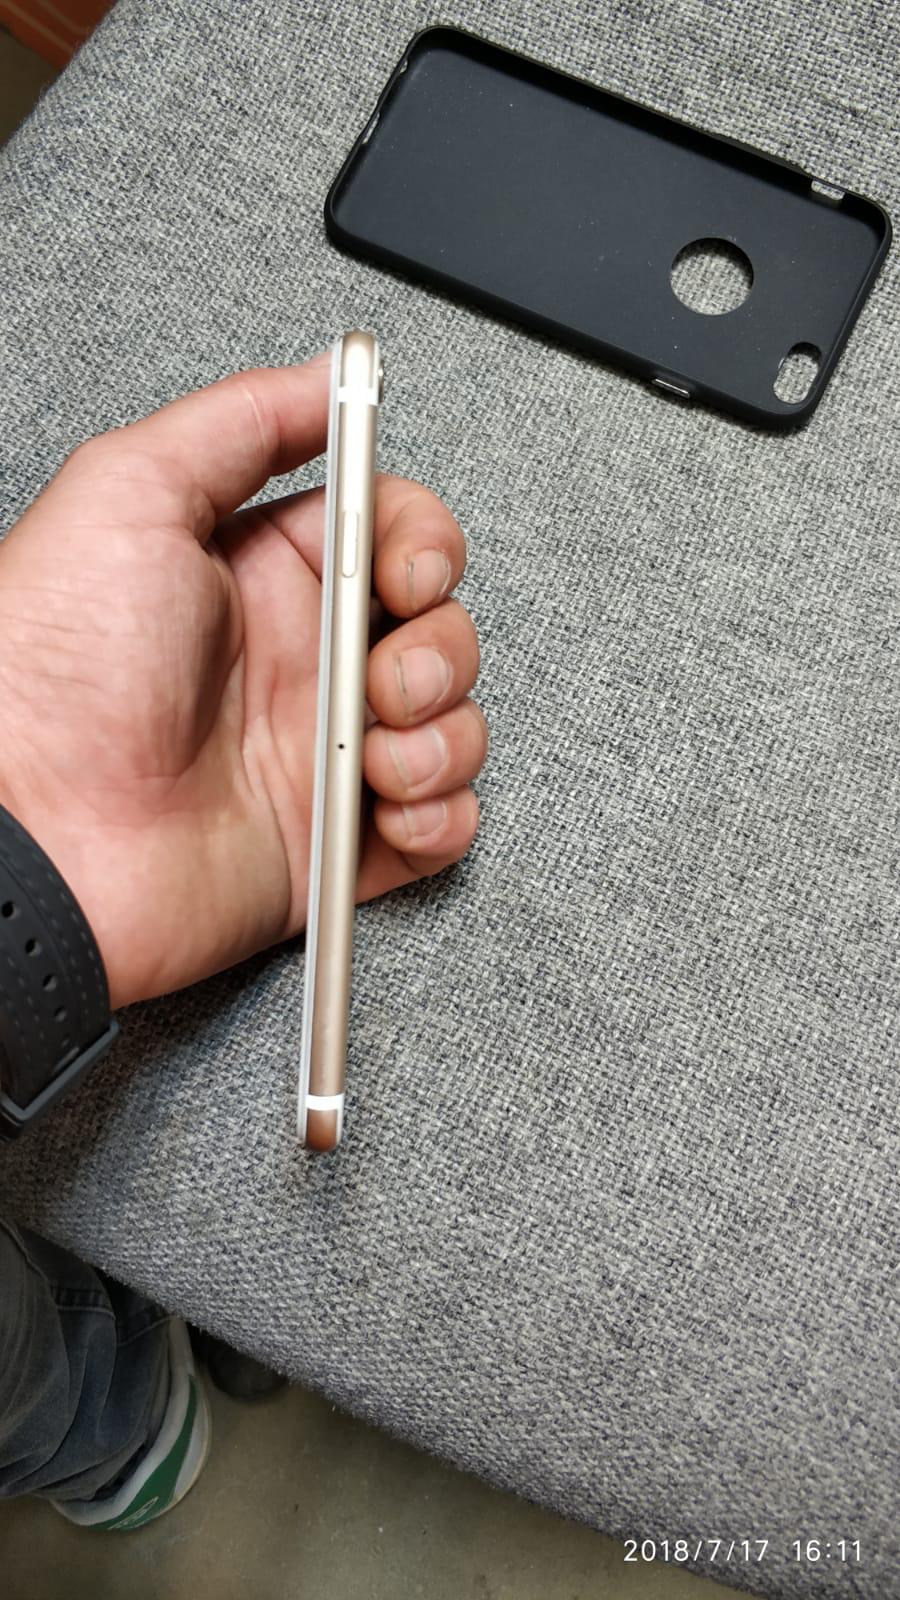 4 aylık cihazdır kılıfsız asla kullanılmamıştır ekranda koruma camı takılıdır herhangi bir aksamında sıkıntı yoktur.